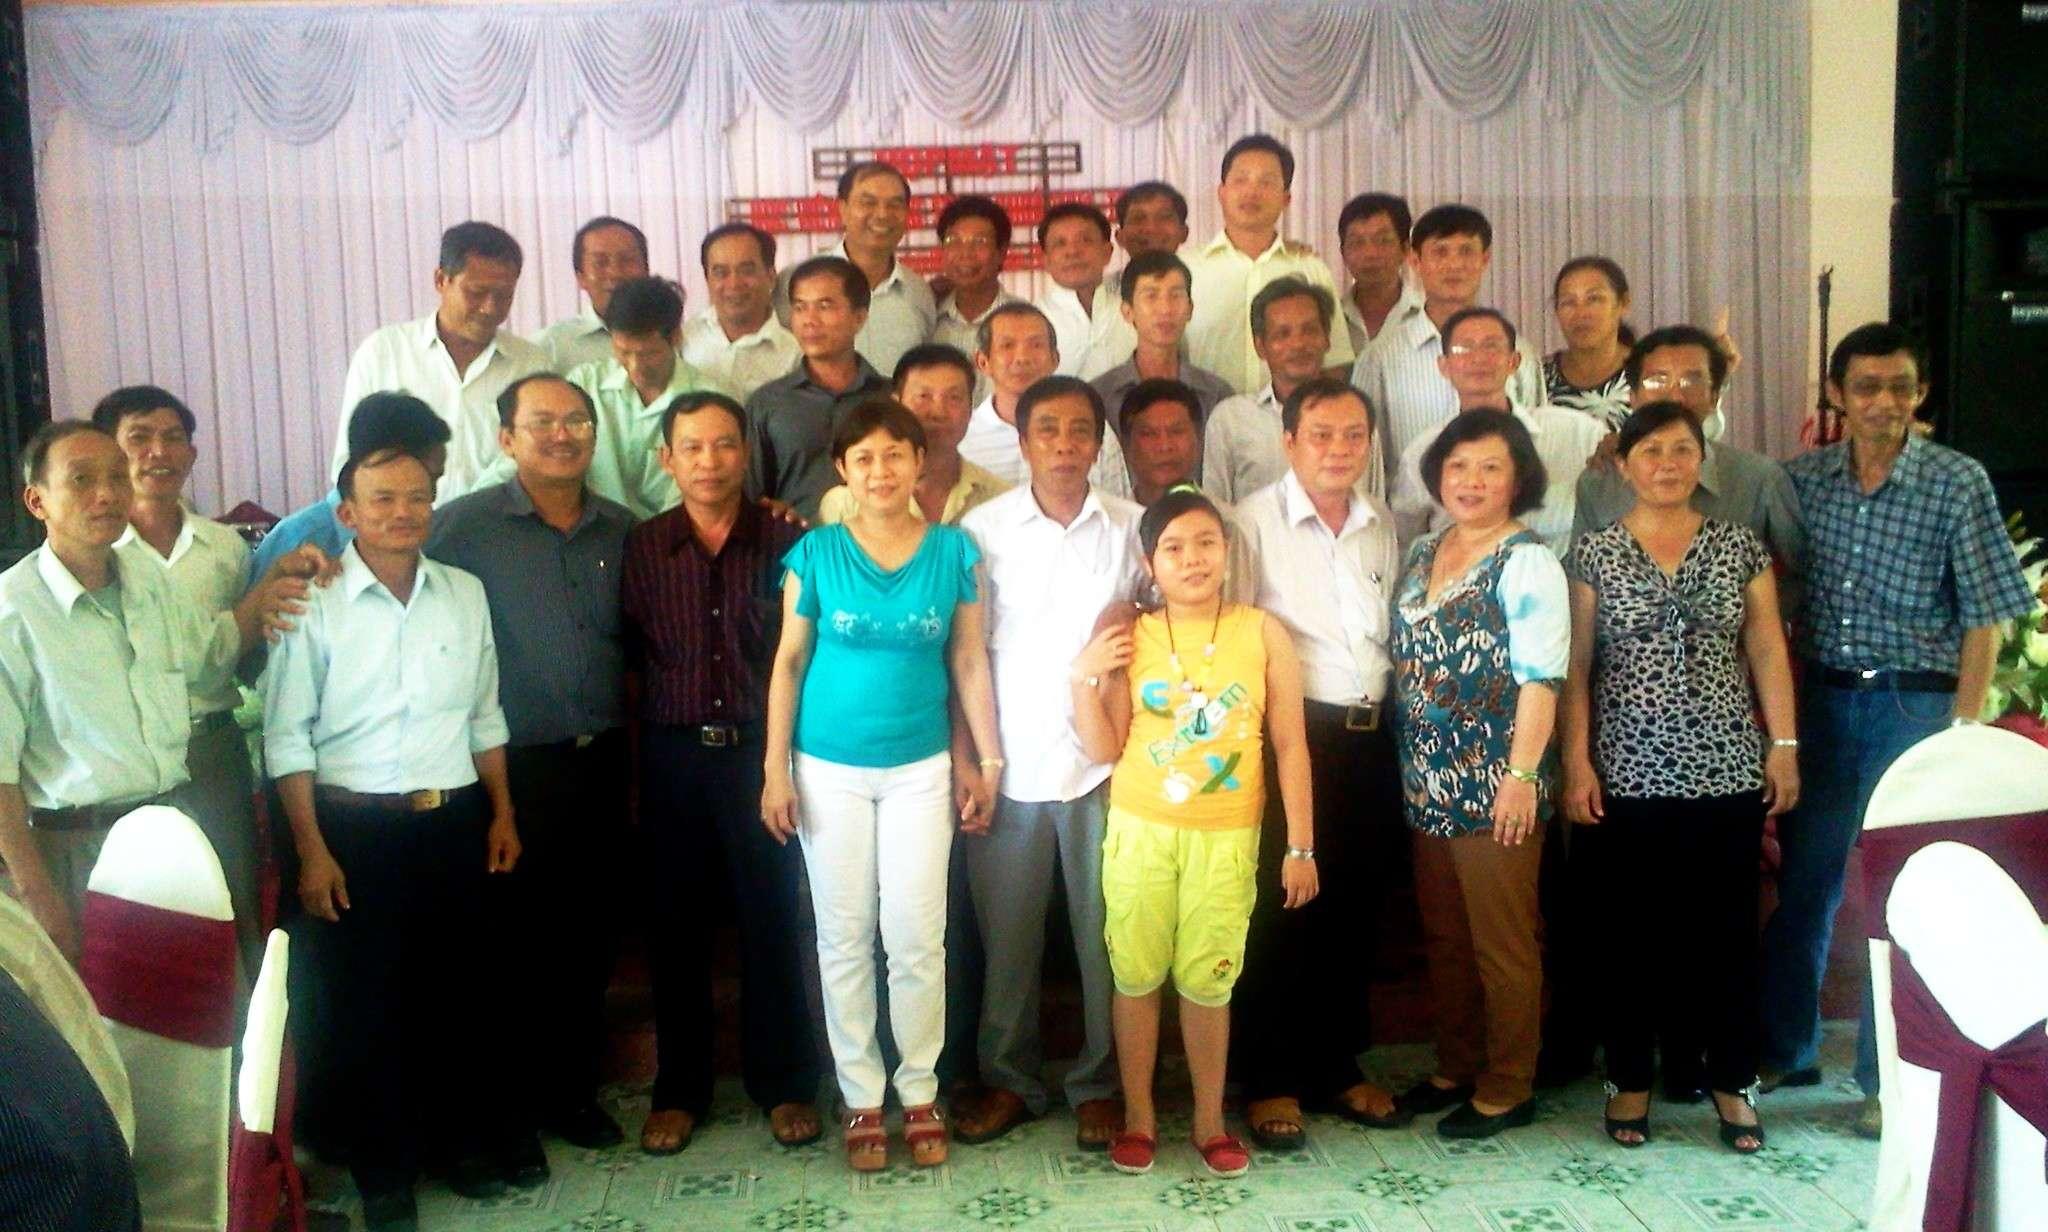 Hình ảnh cựu HV khóa 7 họp mặt kỷ niệm 25 năm tốt nghiệp SQLQ2 2012-038